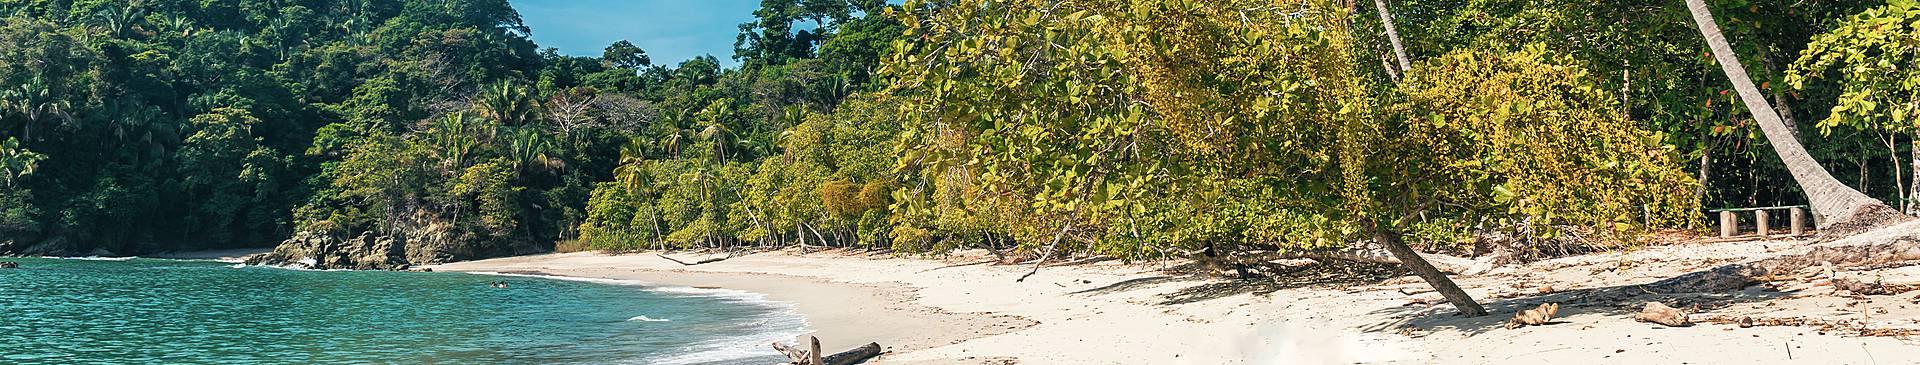 Strand und Meer Costa Rica Reisen